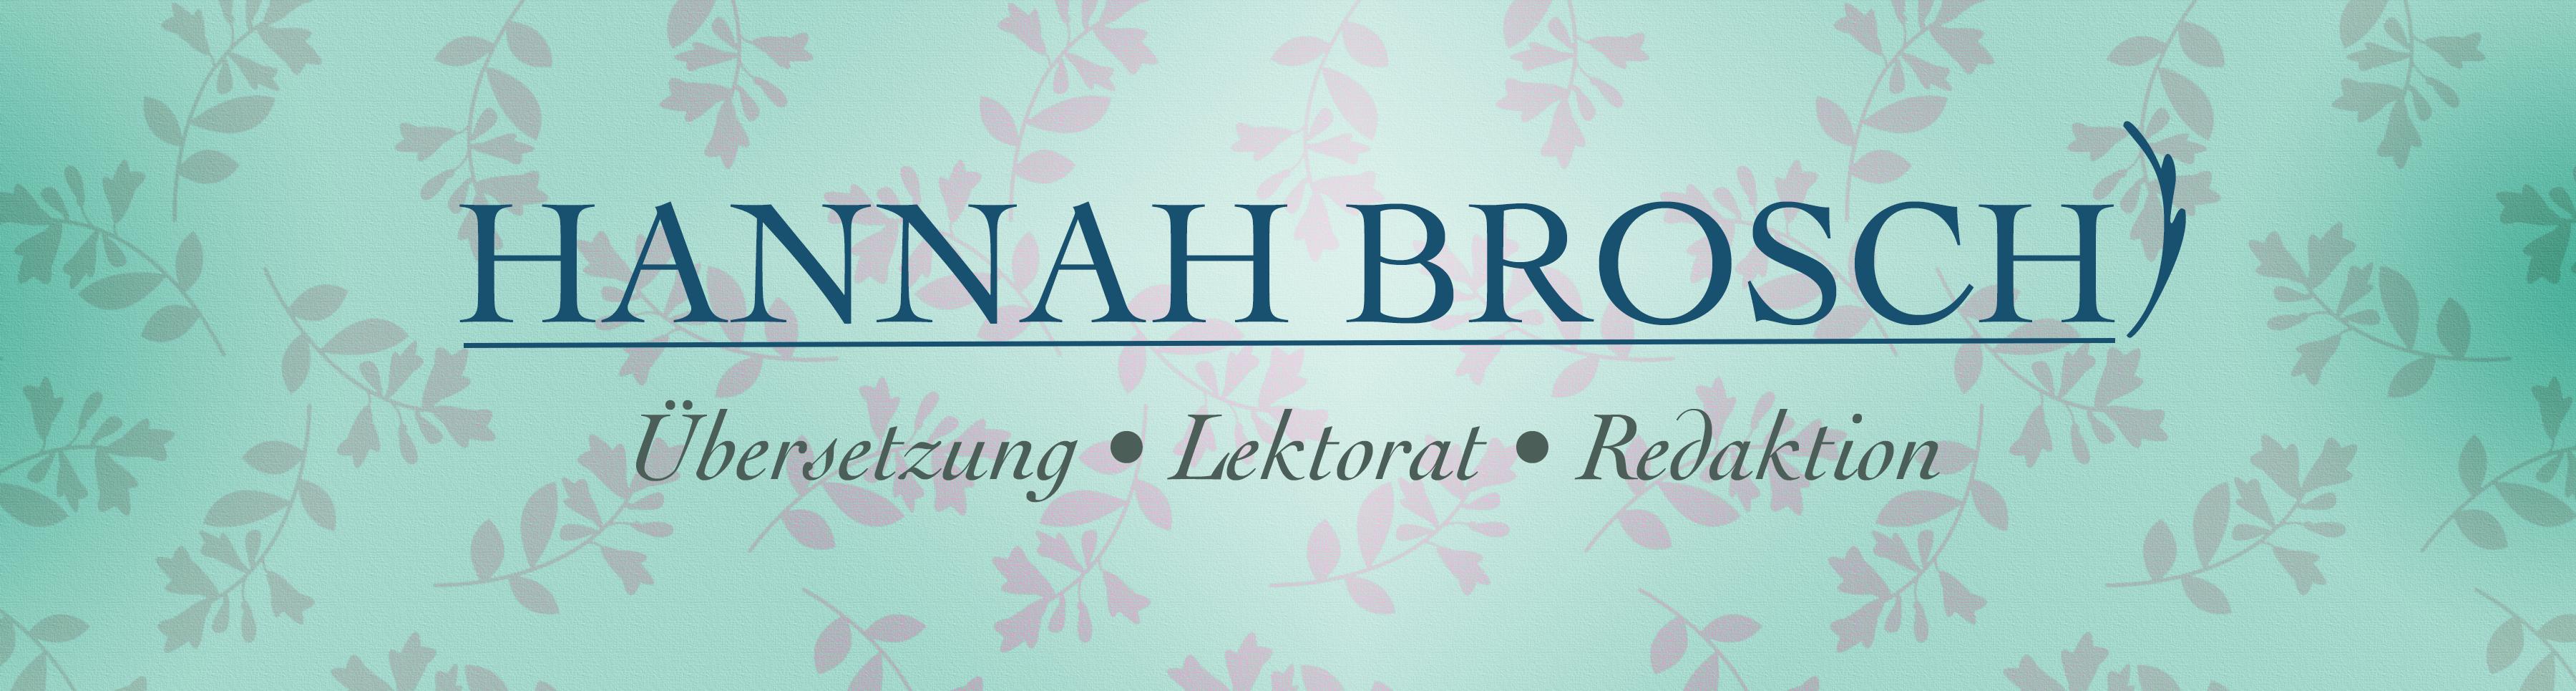 Hannah Brosch